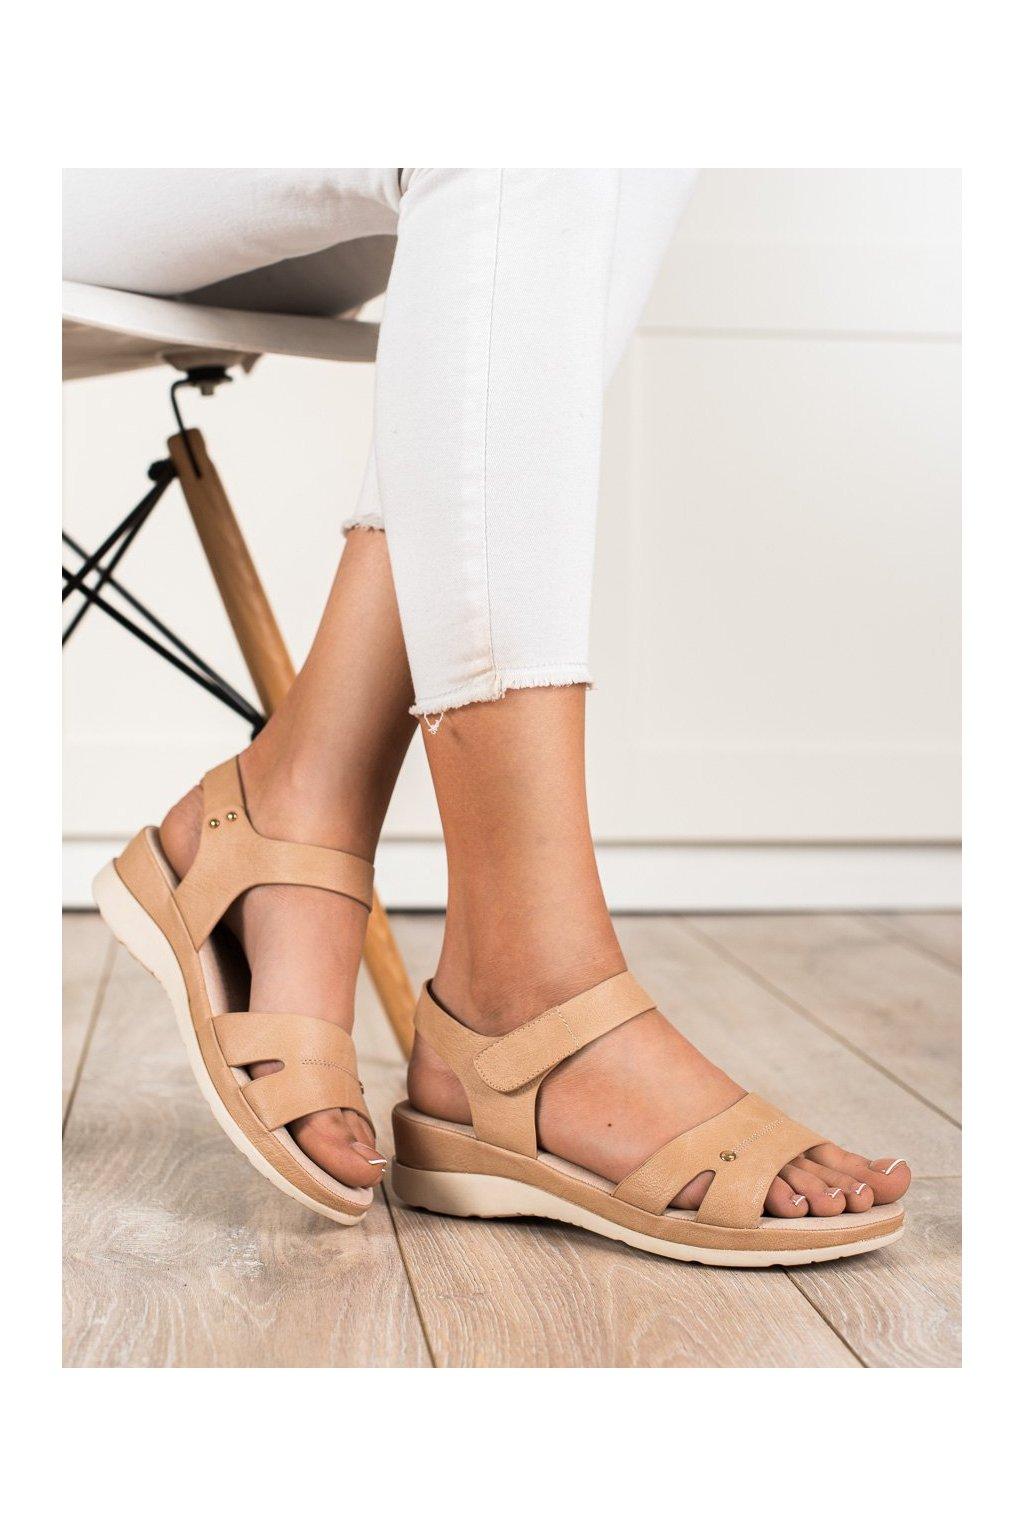 Hnedé sandále s plochou podrážkou na platforme Vinceza kod YQE20-17073TAN